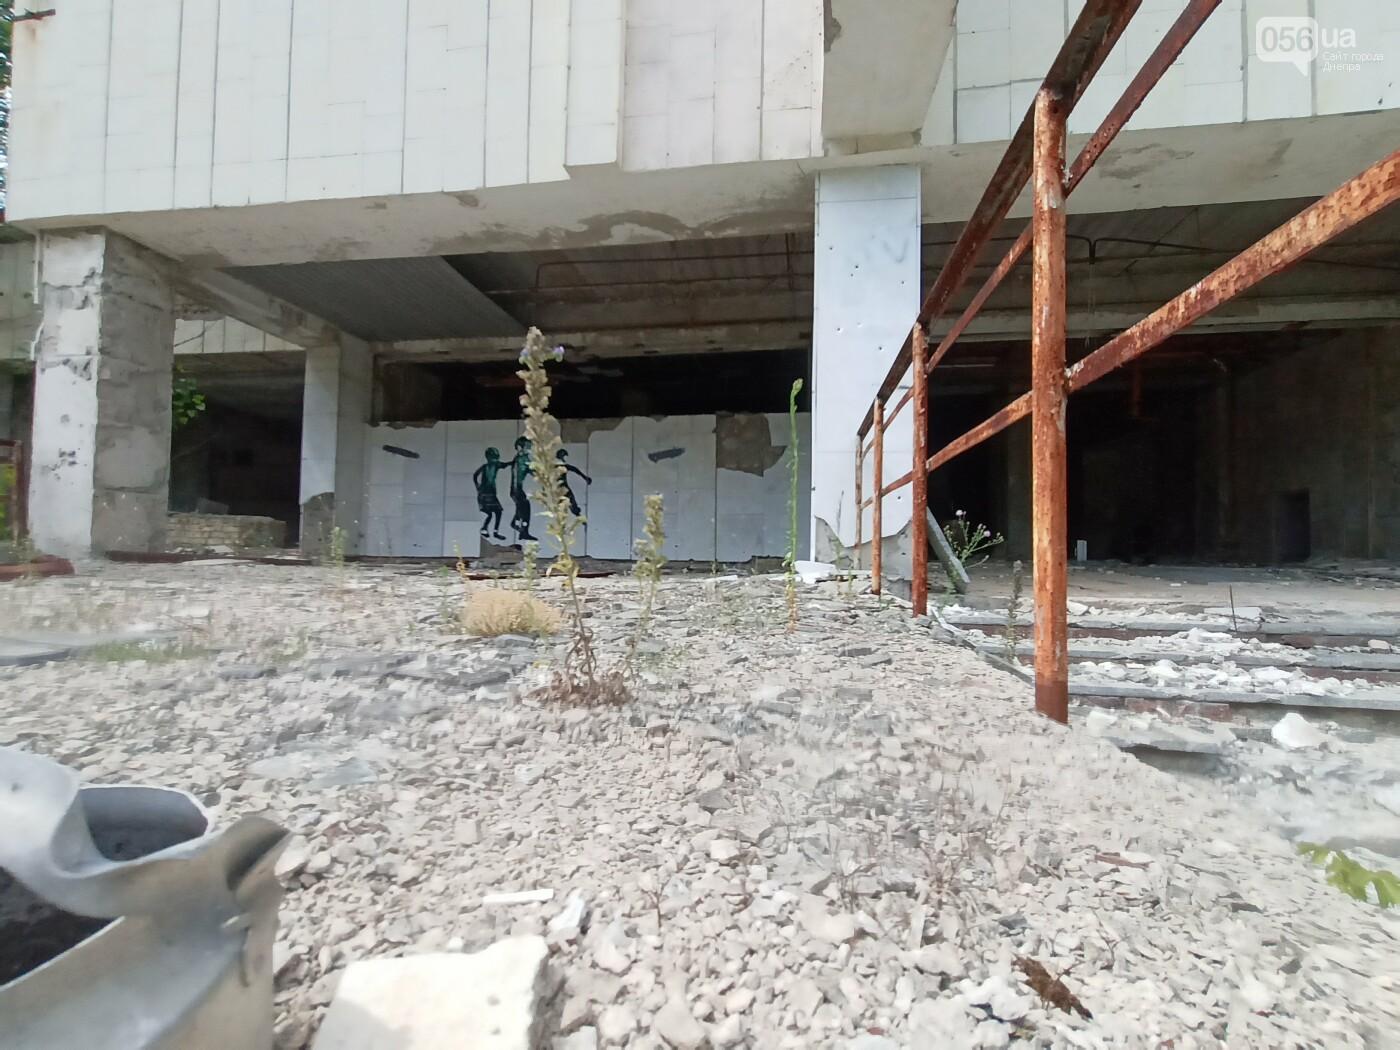 Минус пара кед и брюк: путешествие одного днепрянина в Чернобыль, - ФОТО, ВИДЕО, фото-58